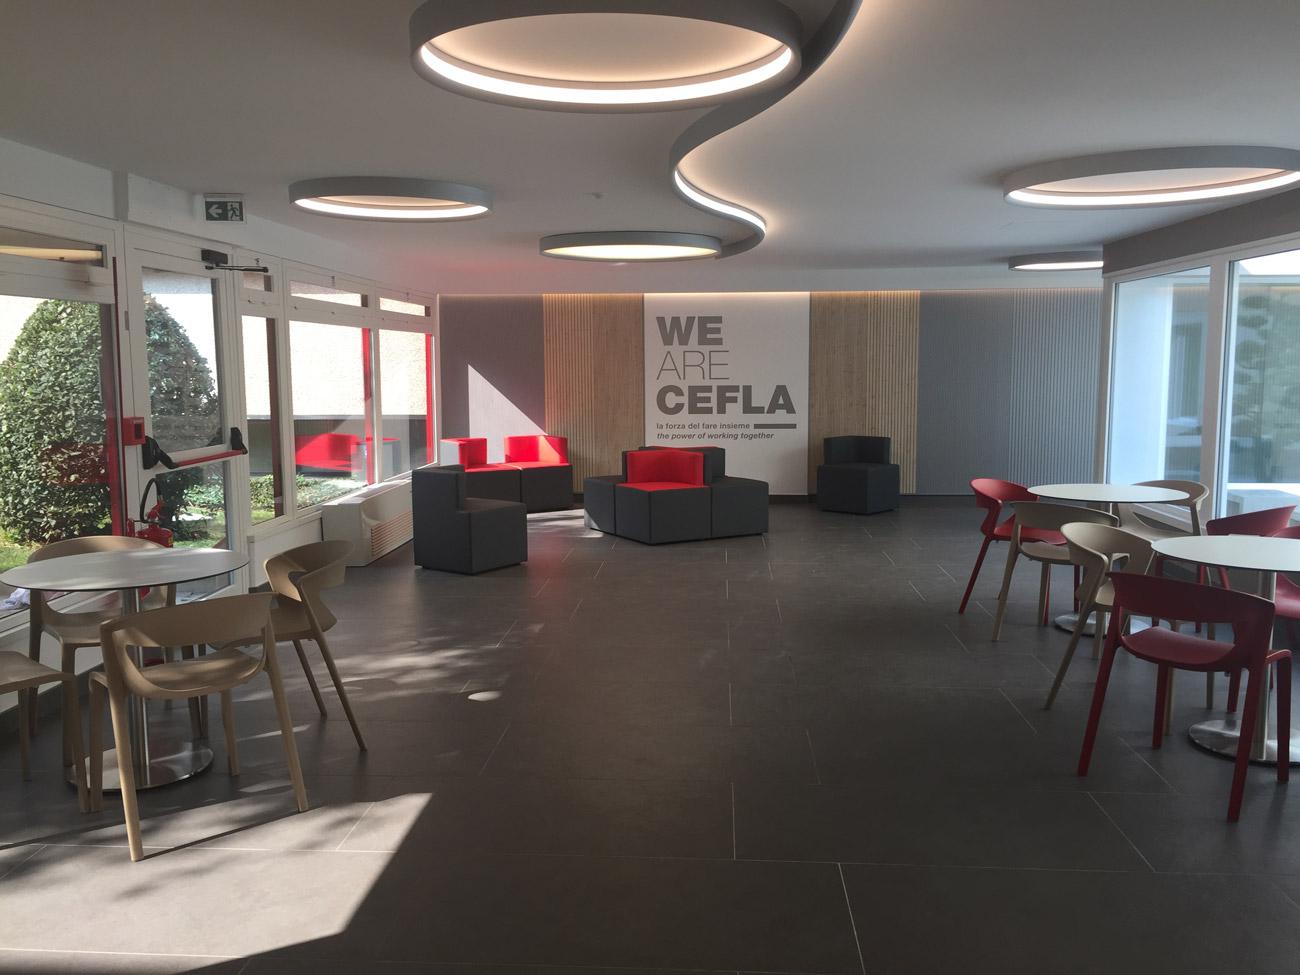 mensa-selice-cefla-imola_studio-tb-progettazione-architettonica-10